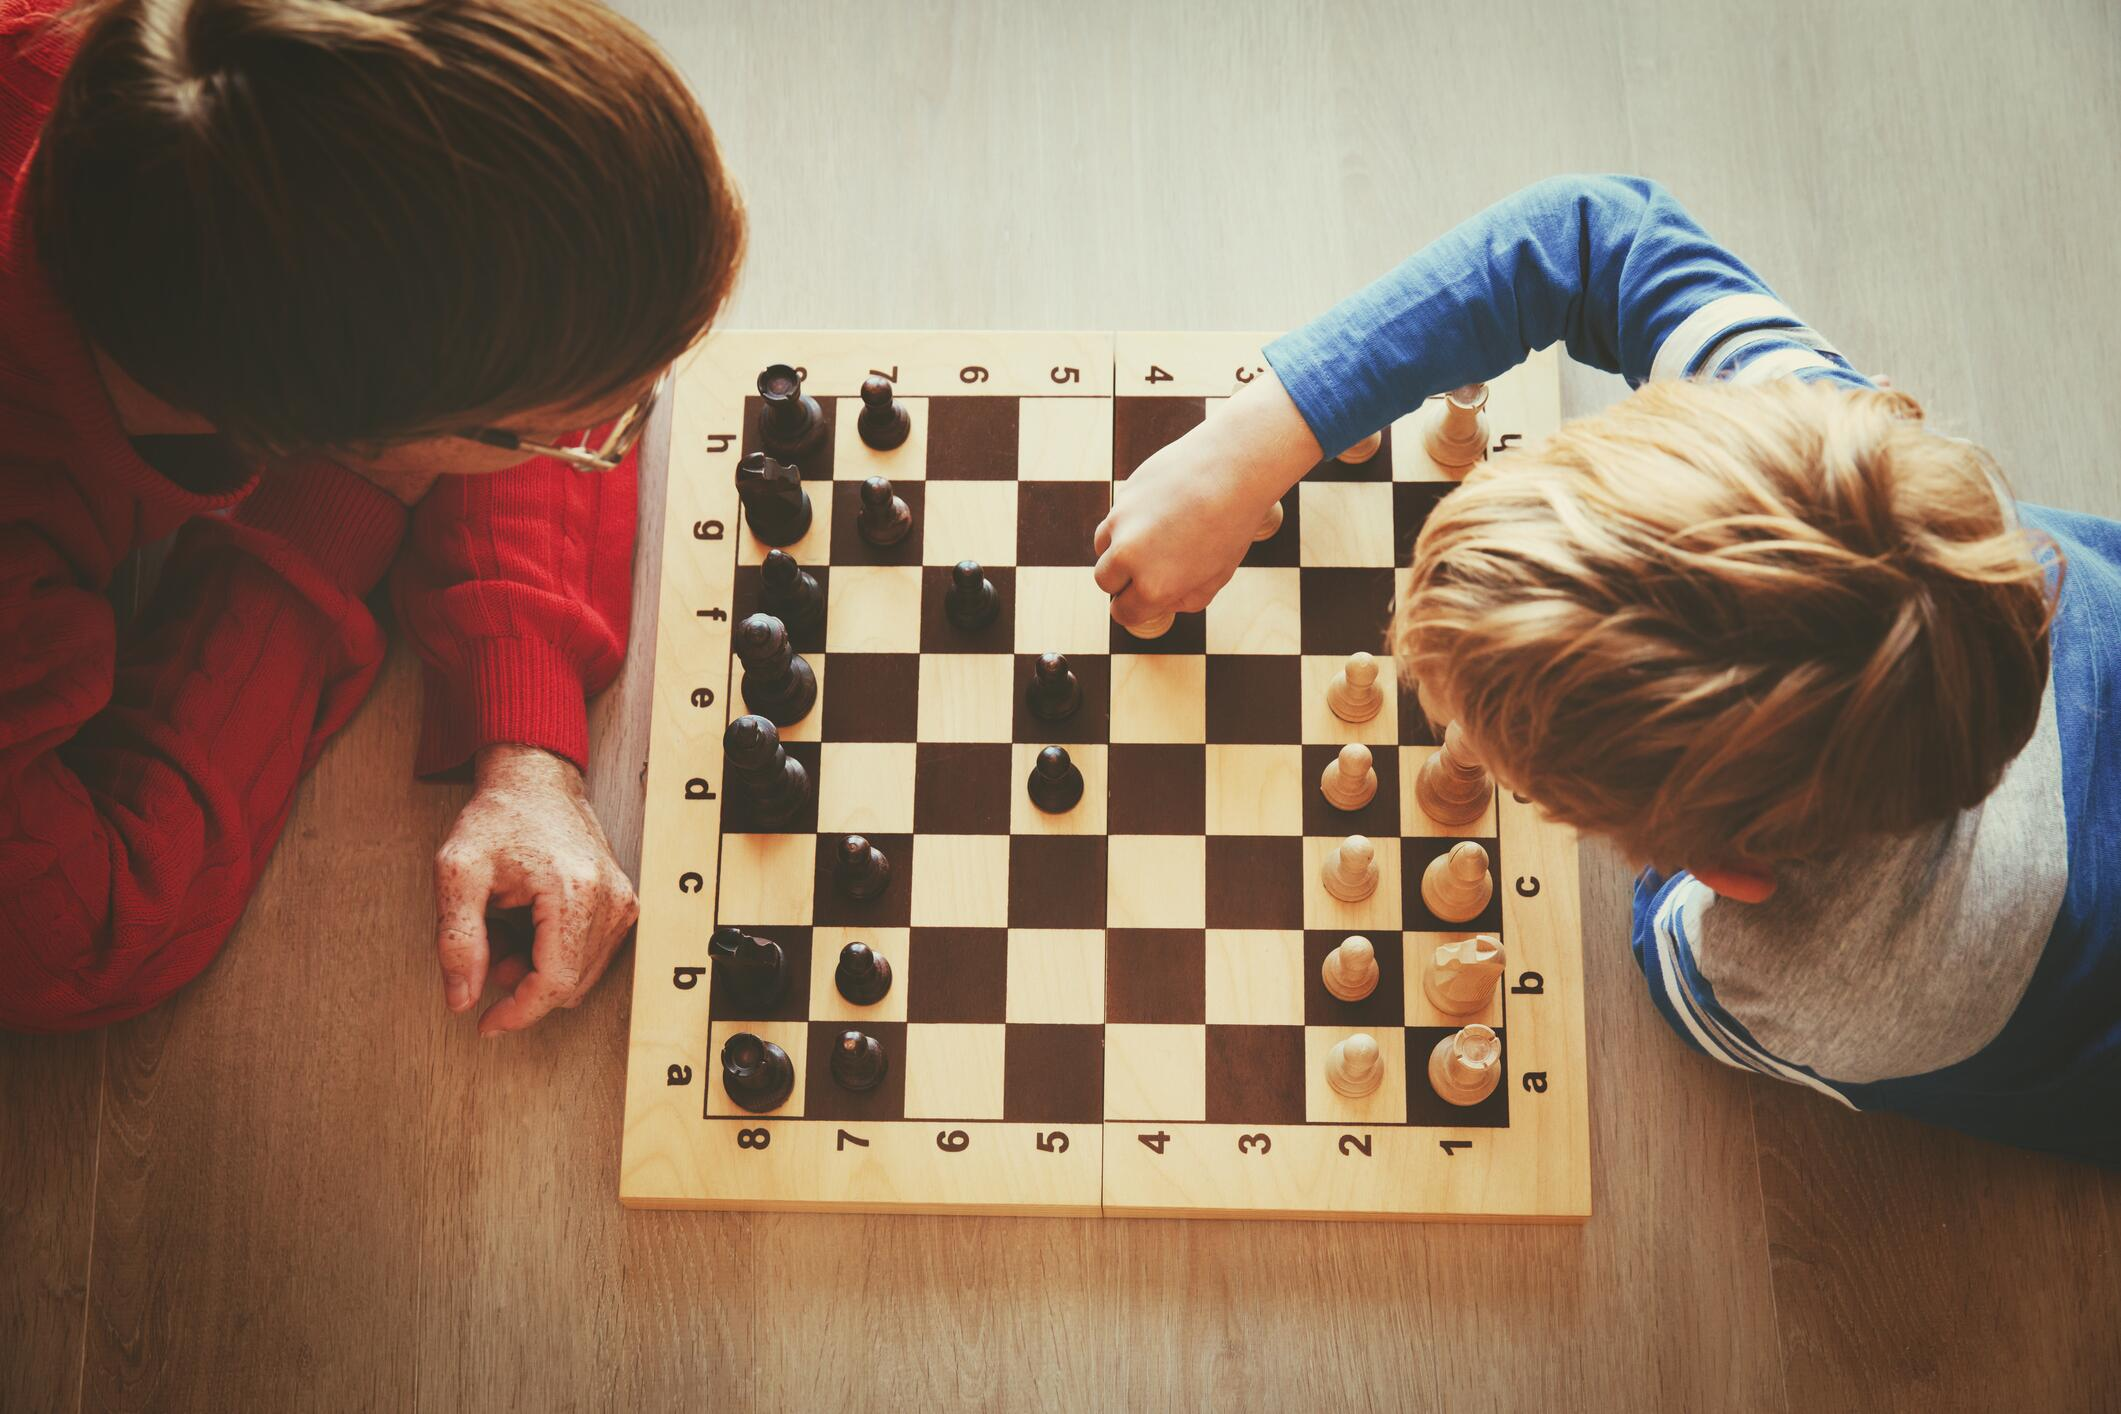 Bild zu Brettspiele, Kinderspiele, Lernspiele, Spieleabend, Gamenight, Spiele, Fördern, Förderung